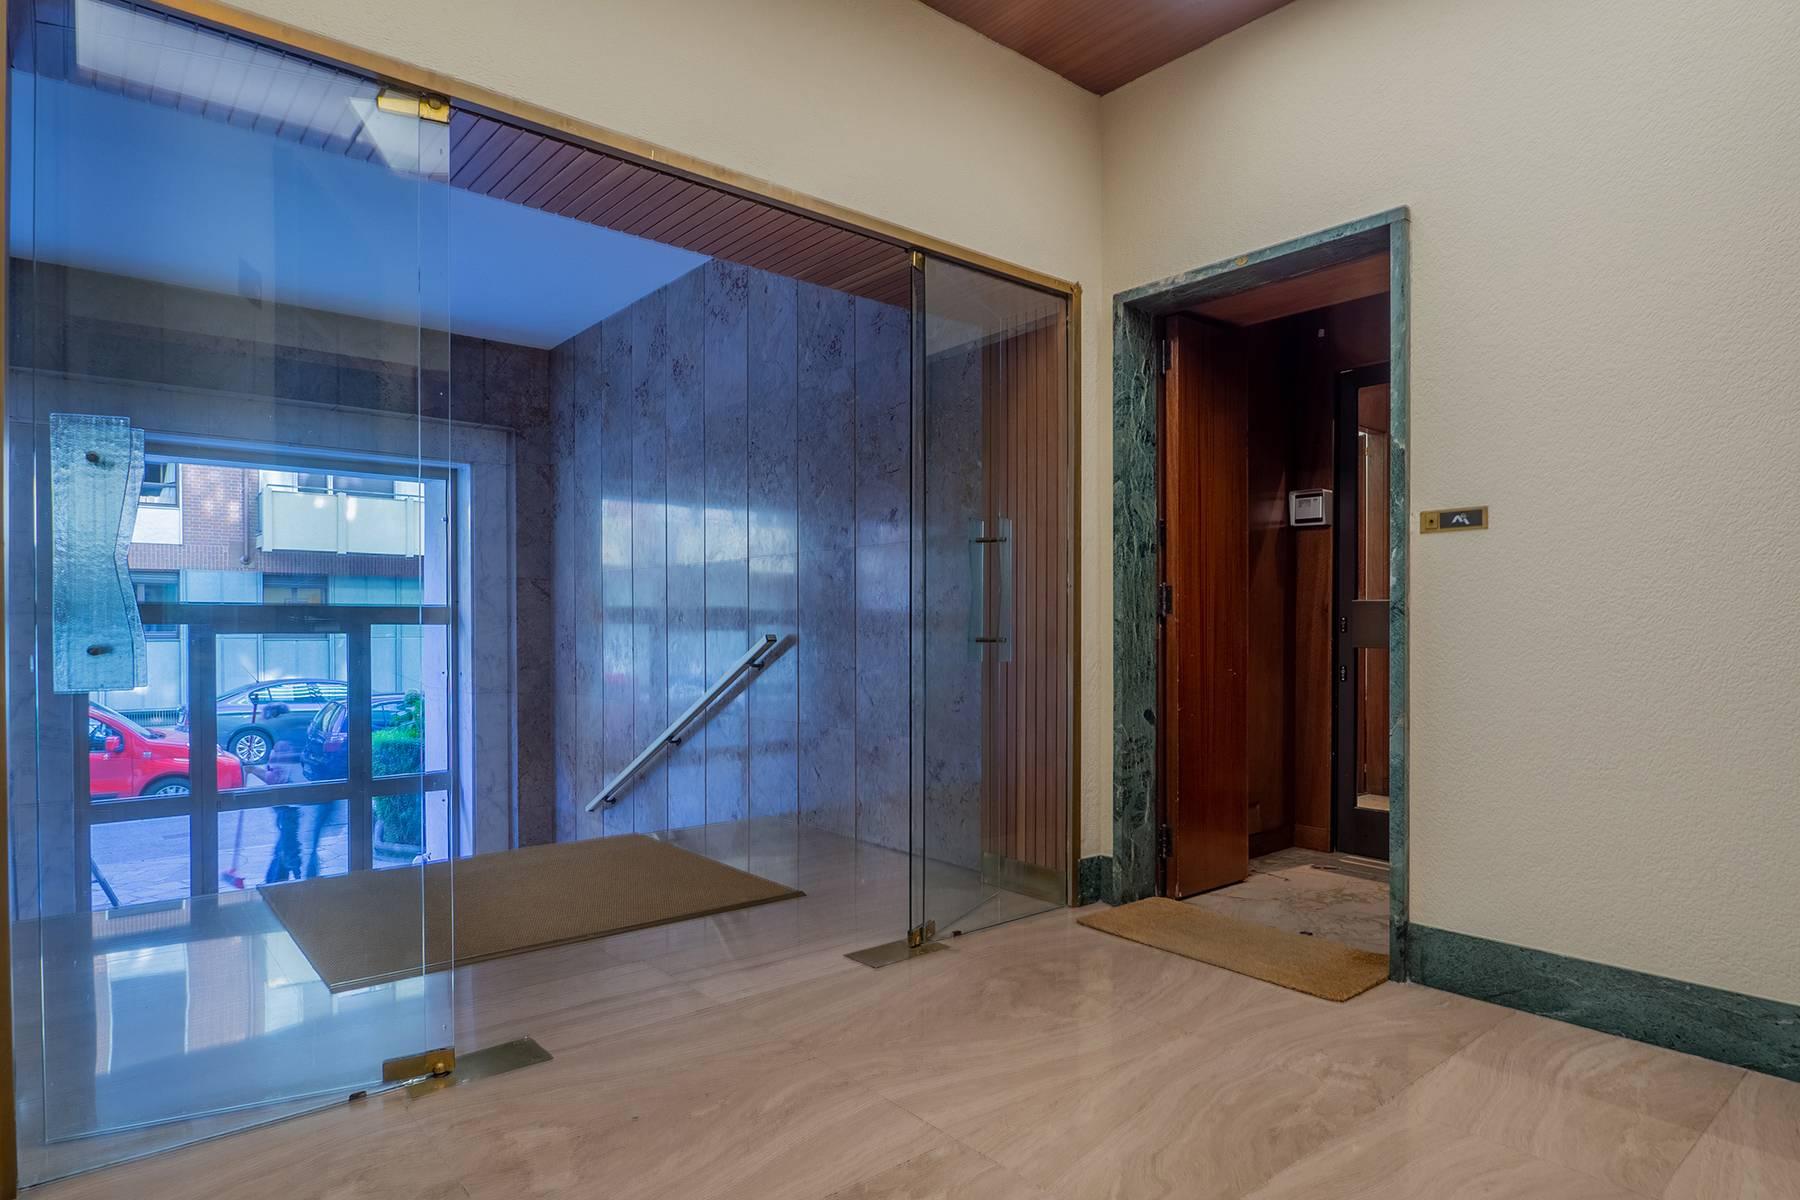 Ufficio-studio in Vendita a Torino: 2 locali, 89 mq - Foto 12